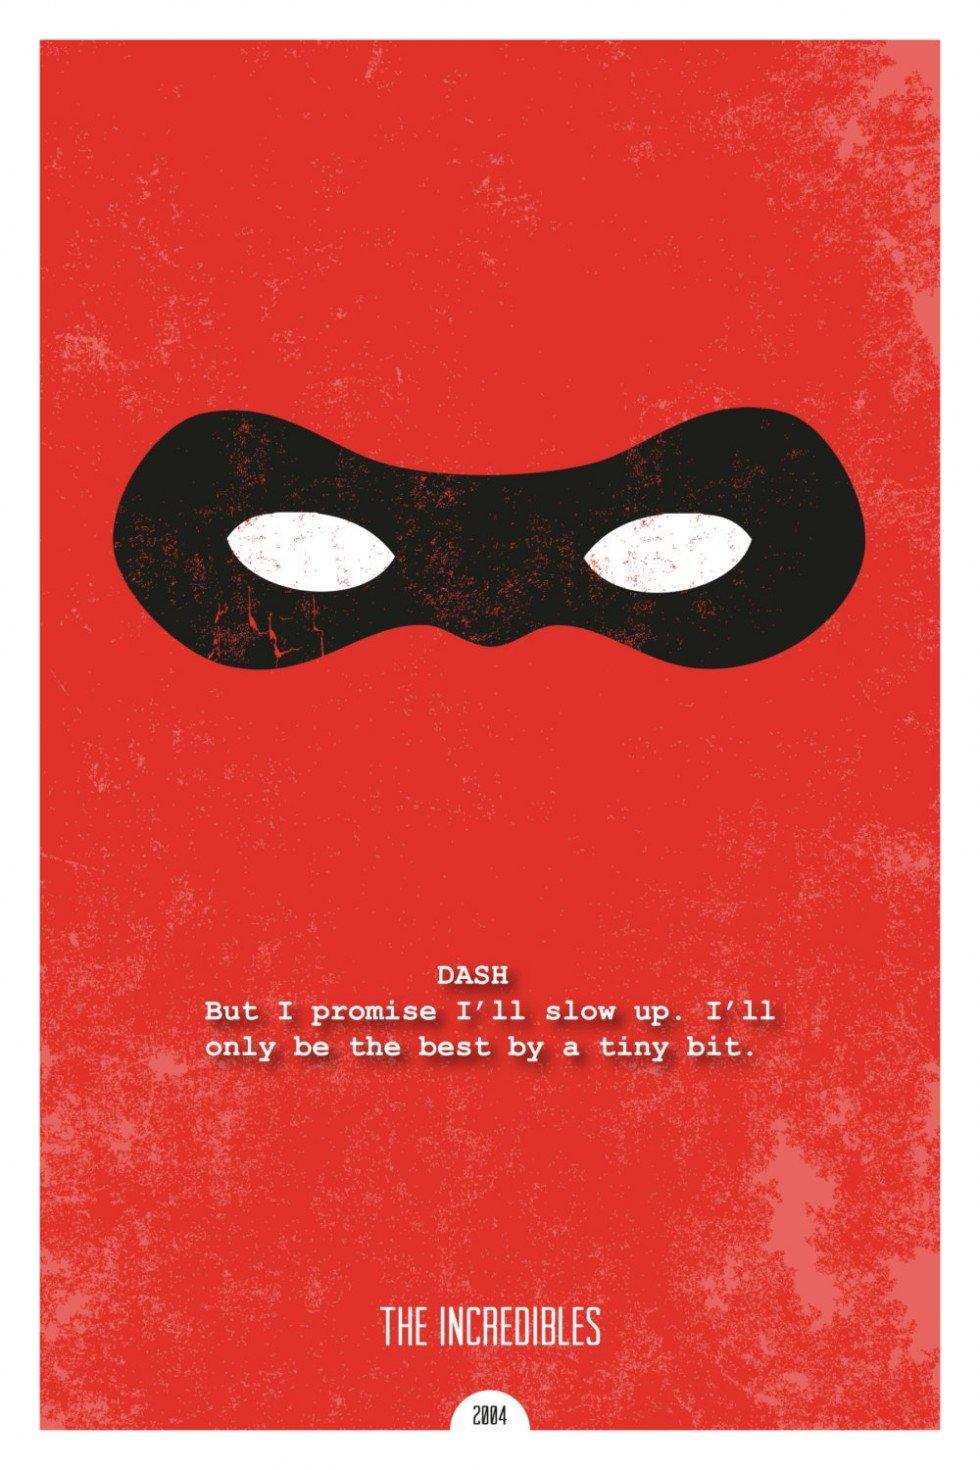 pixar incredibles movie poster design minimal